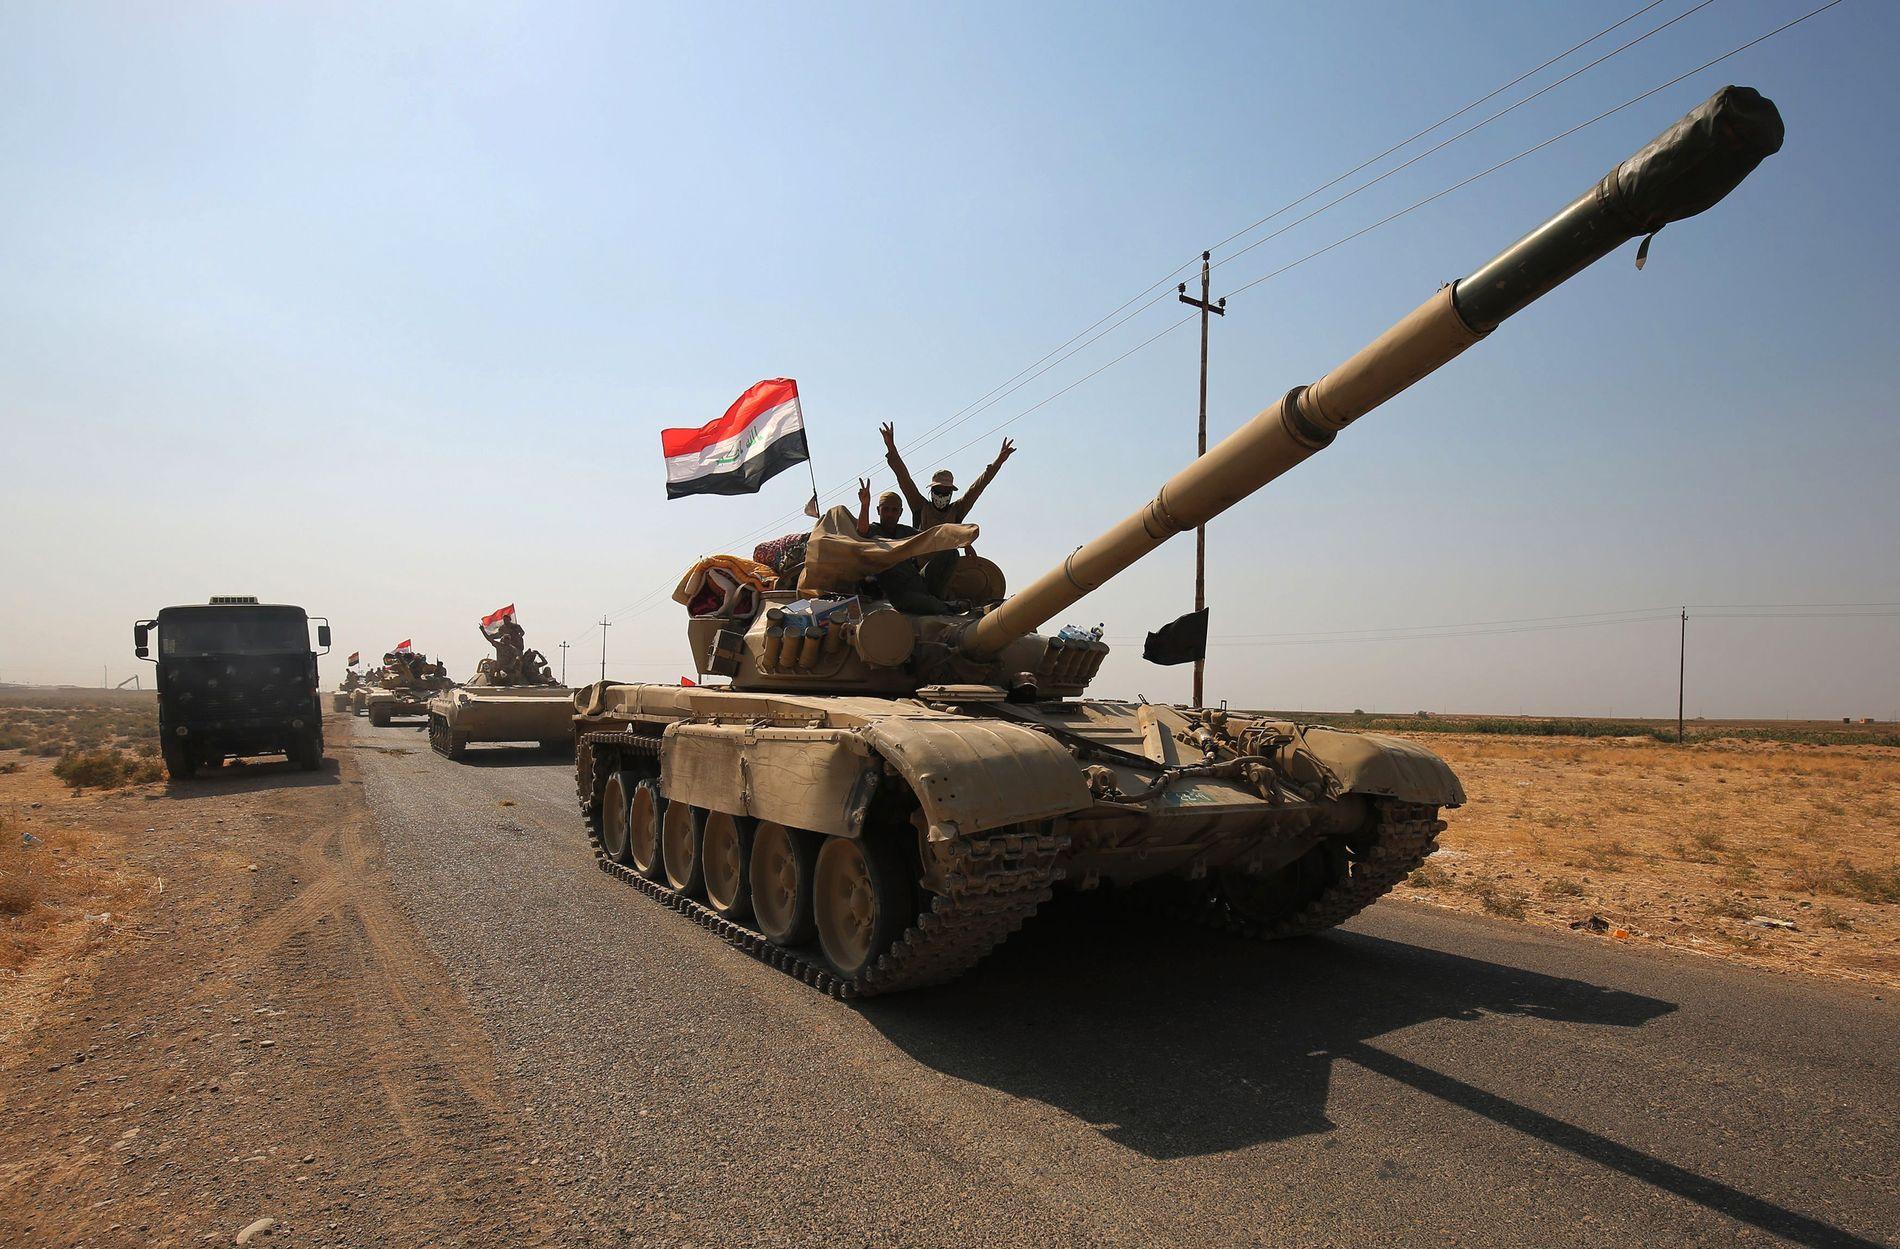 RYKKER INN: Her er irakiske styrker utenfor de omstridte områdene sør for Kirkuk. Bildet er tatt før storoffensiven startet.